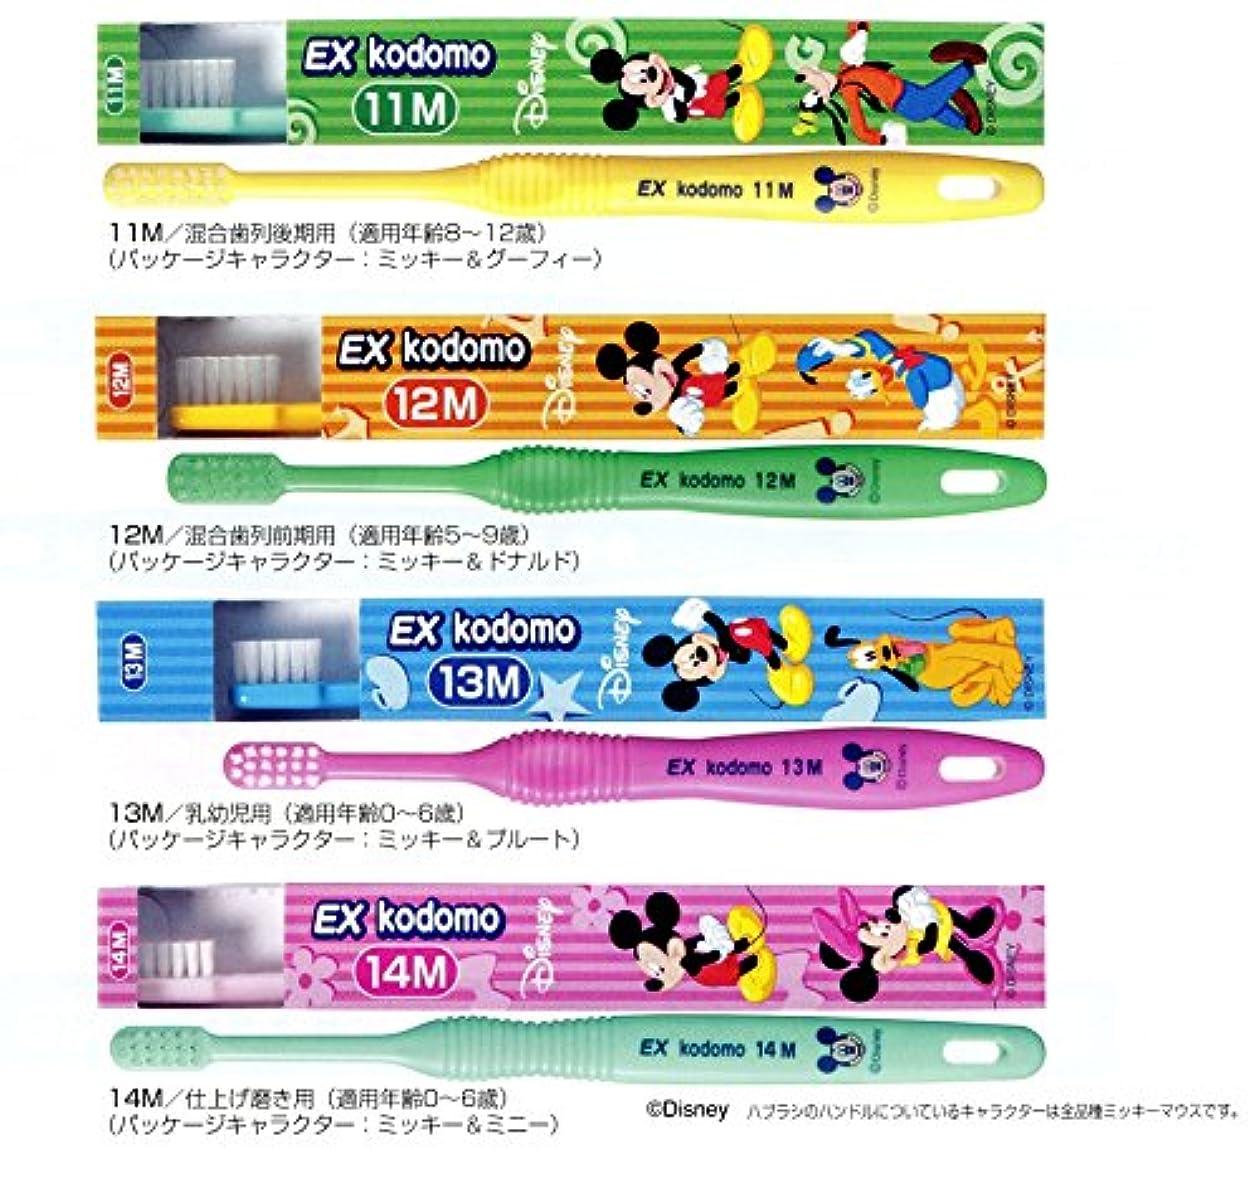 何興奮する高度なライオン コドモ ディズニー DENT.EX kodomo Disney 1本 12M イエロー (5?9歳)